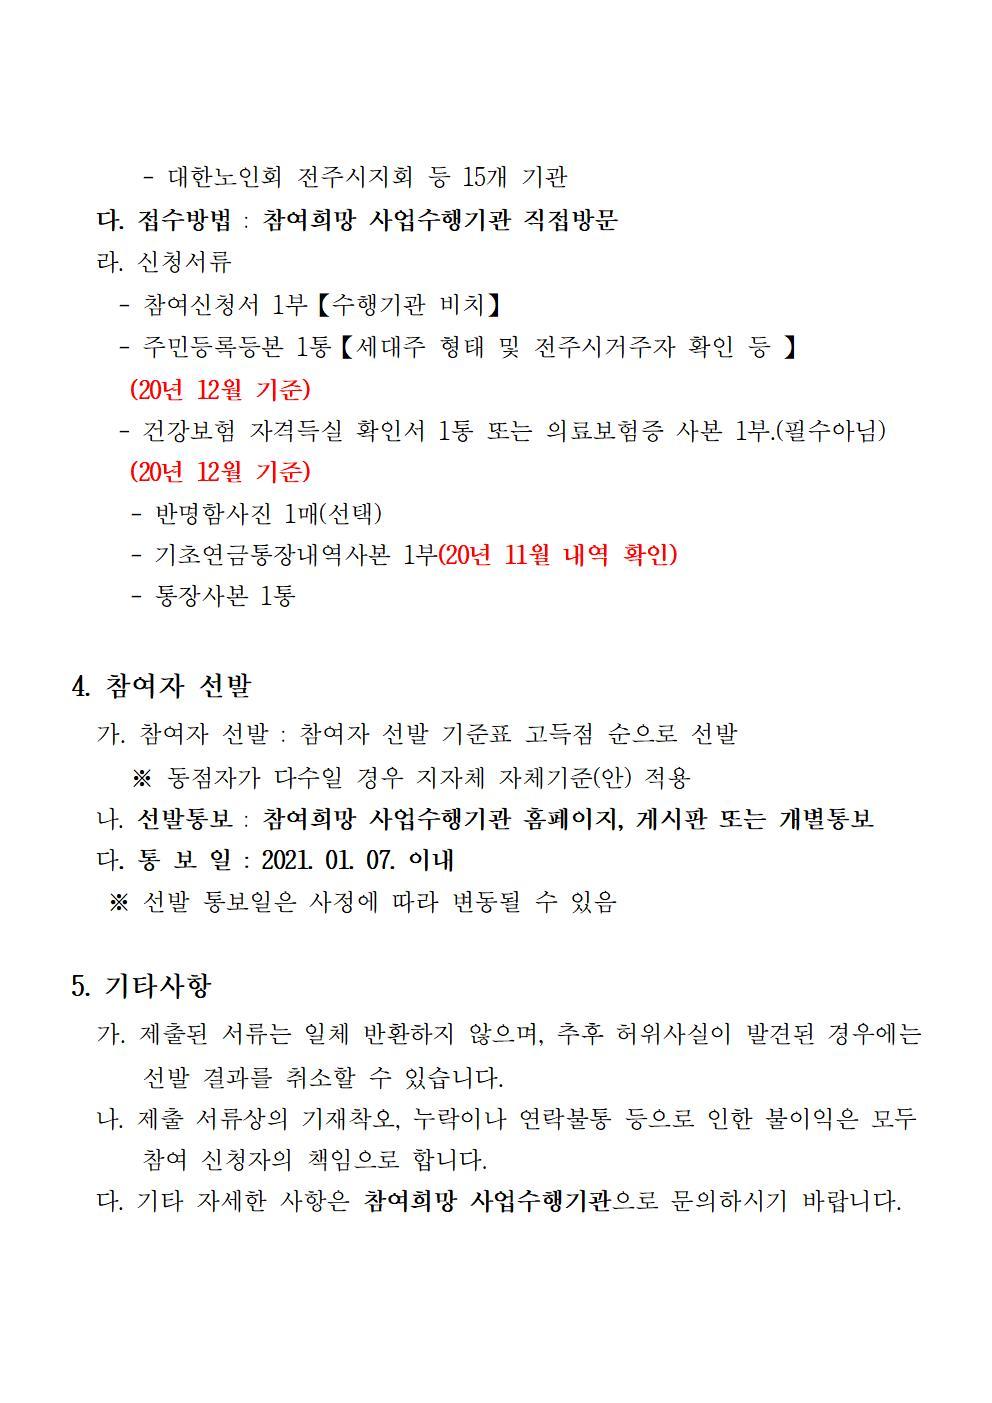 2021년 노인공익활동(11개월)참여자 모집 공고(안)_1A7F.tmp003.jpg